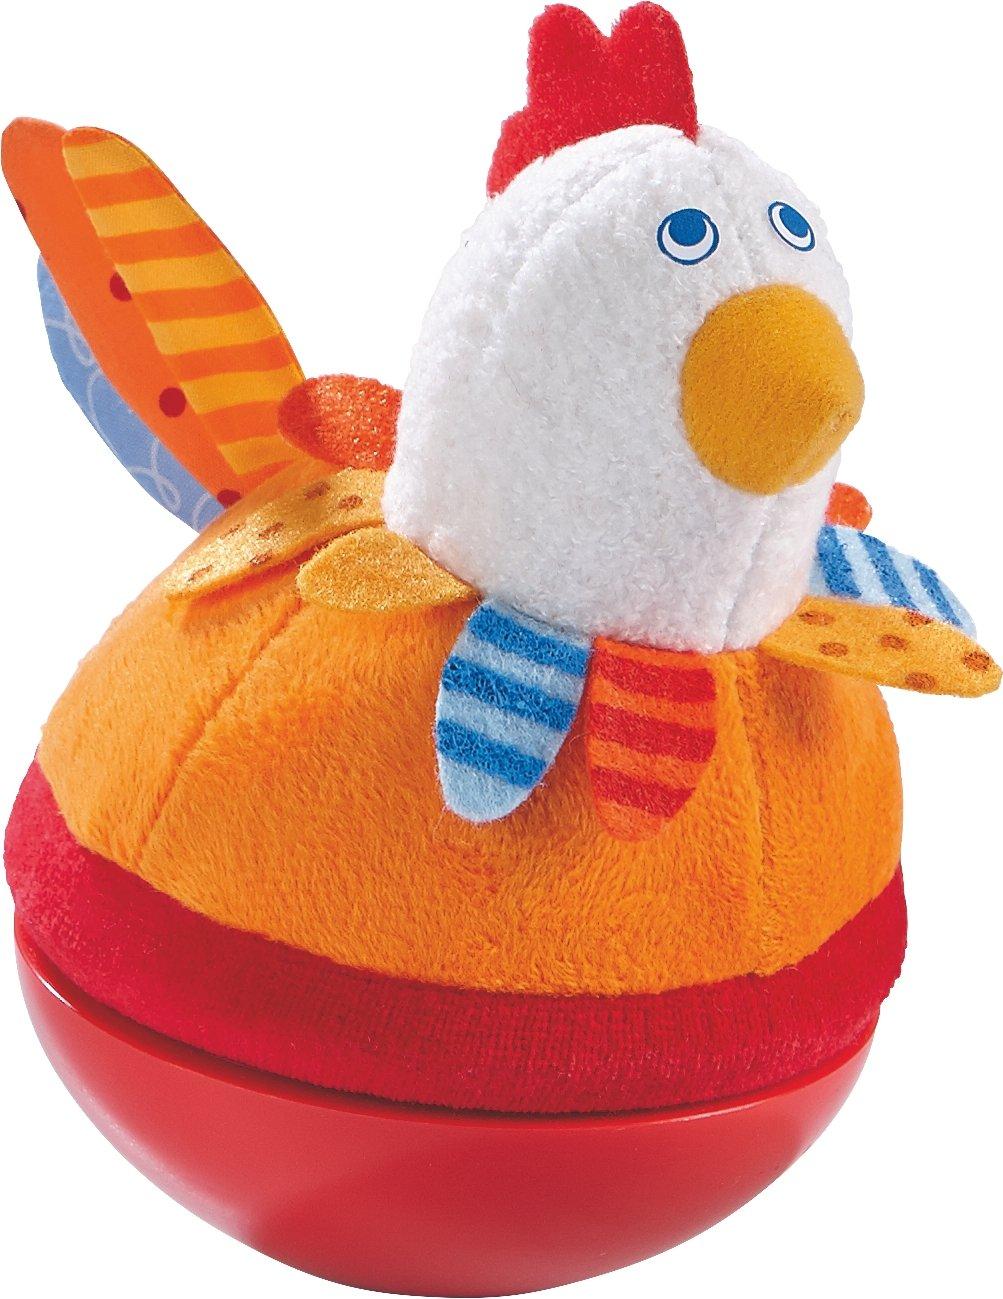 HABA 302570 Stehauffigur Huhn Kleinkindspielzeug